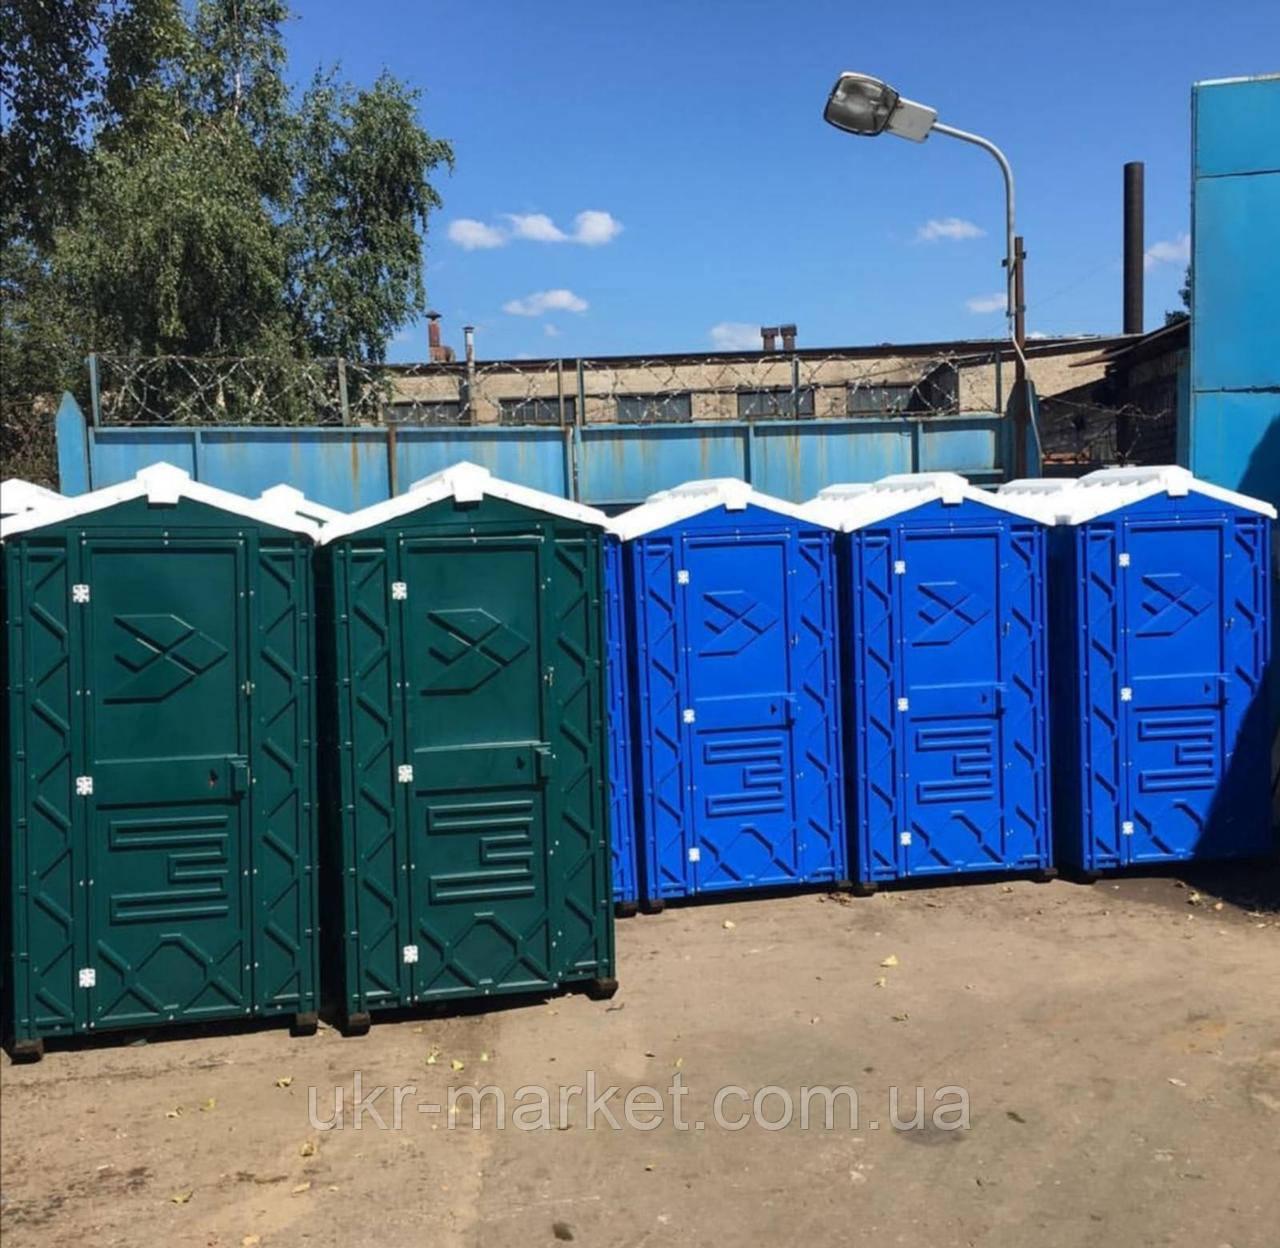 Кабина туалет передвижной автономный зеленый